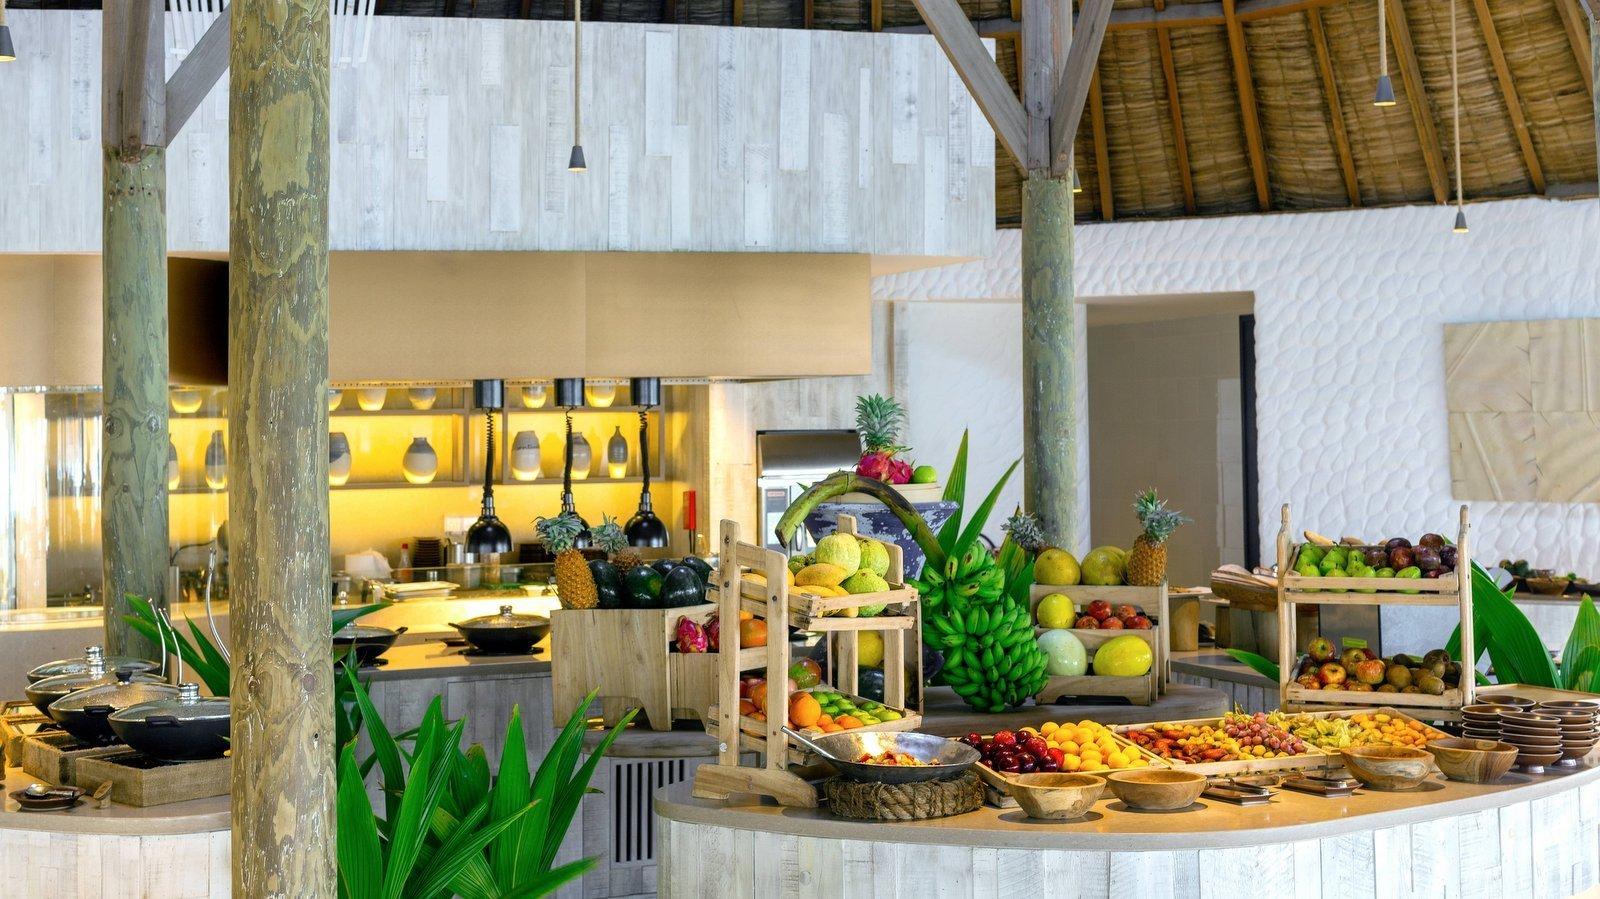 Мальдивы, отель Gili Lankanfushi Maldives, ресторан